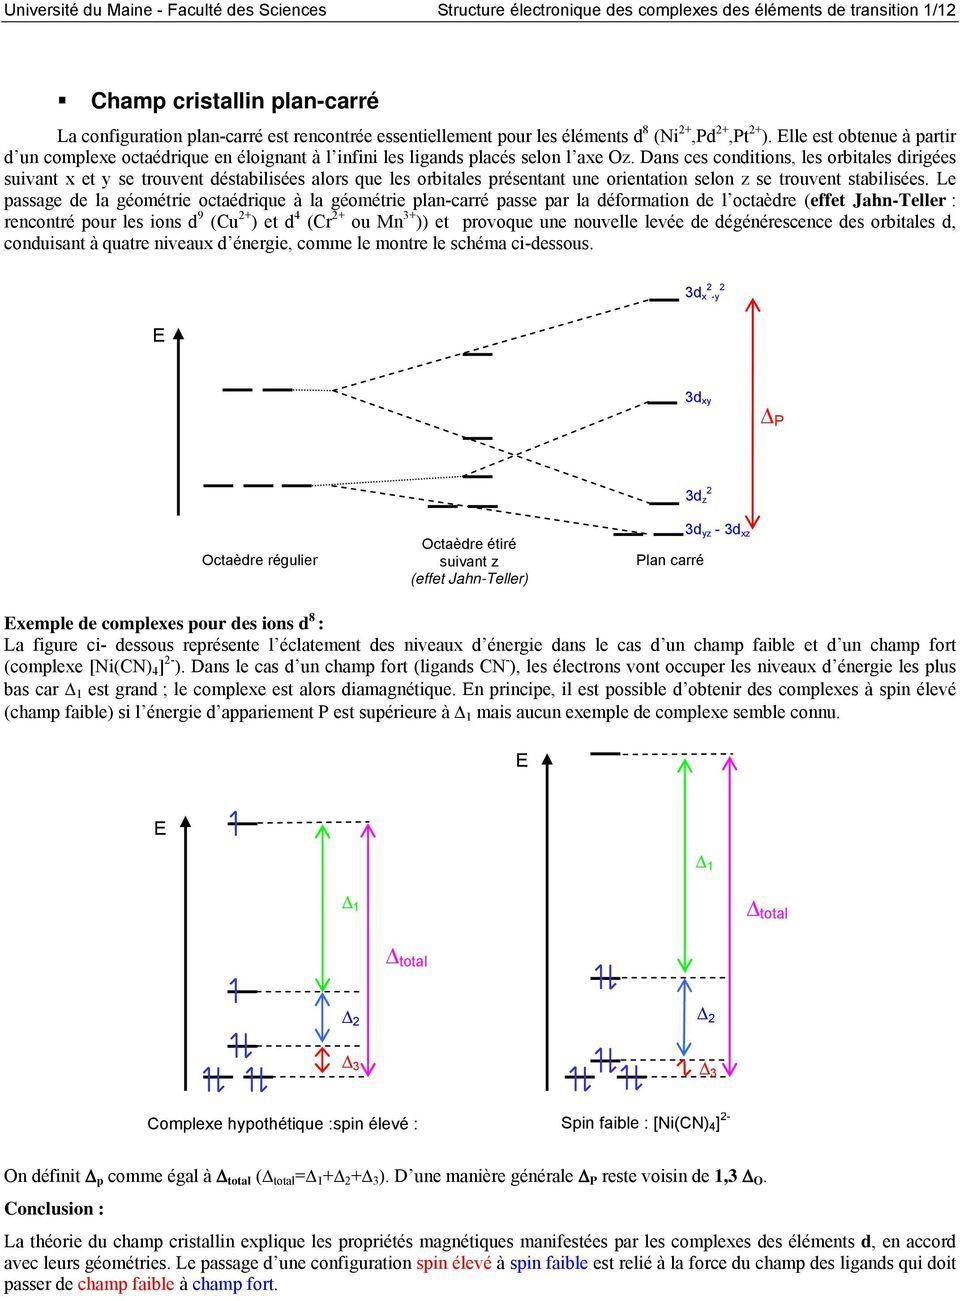 medium resolution of dans ces conditions les orbitales dirig es suivant et se trouvent d stabilis es alors que les orbitales